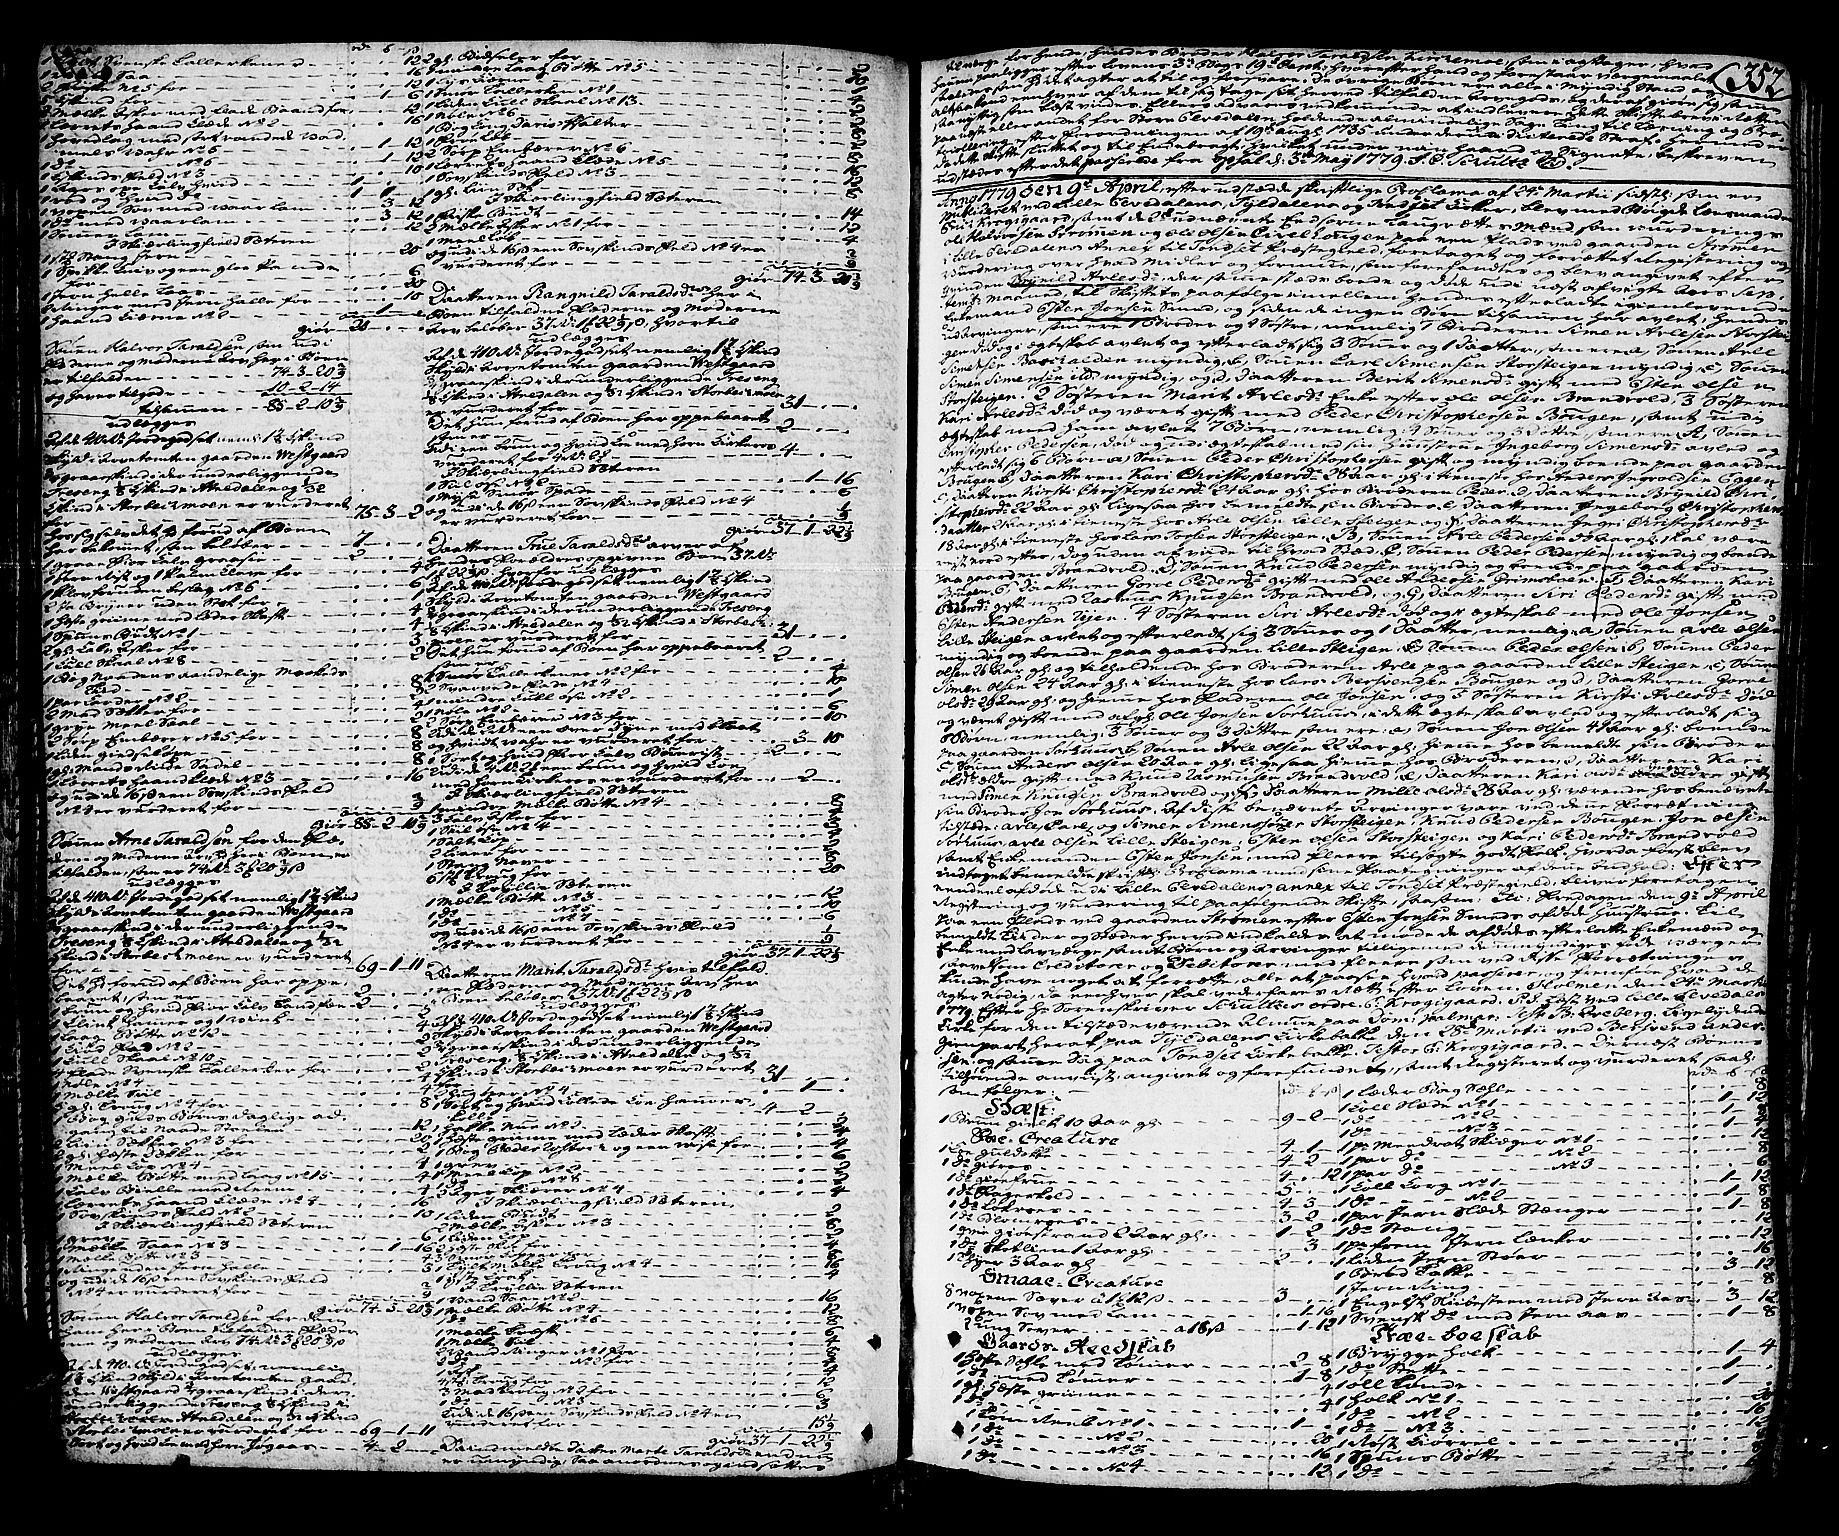 SAH, Østerdalen sorenskriveri, J/Ja/L0003: Skifteprotokoll, 1776-1781, s. 351b-352a